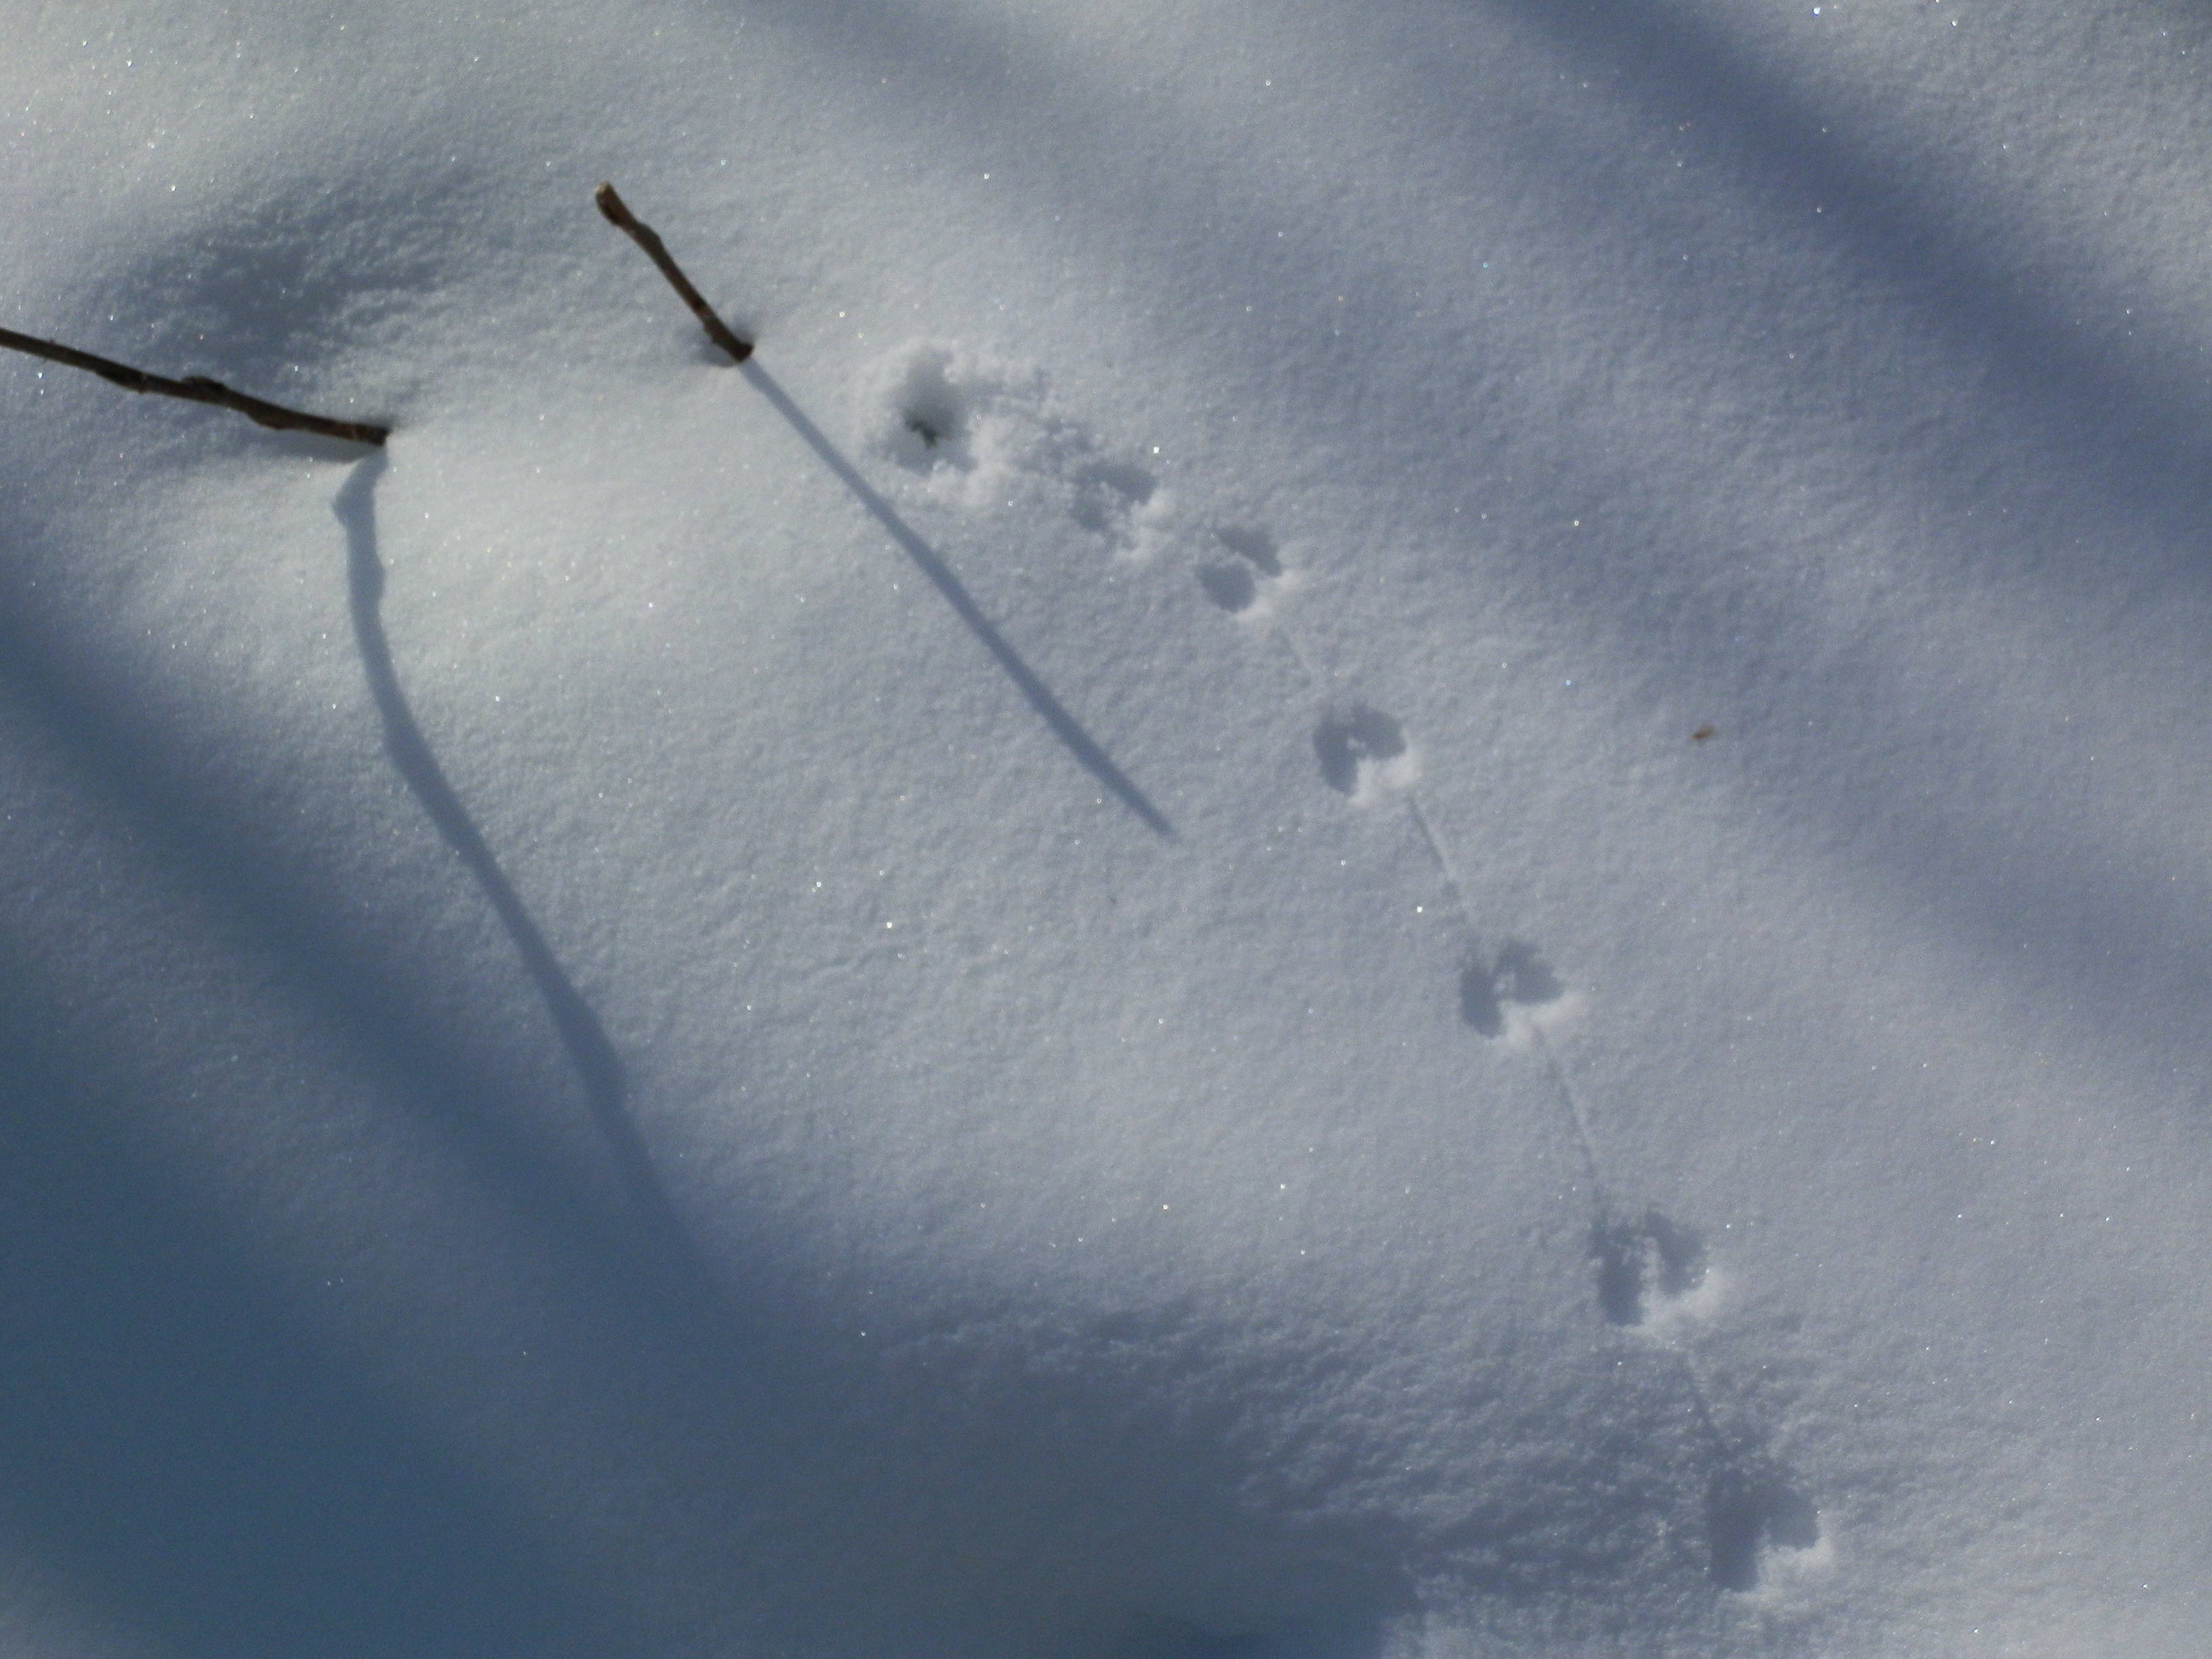 ученые обнаружили следы мыши на снегу фото раптором своими